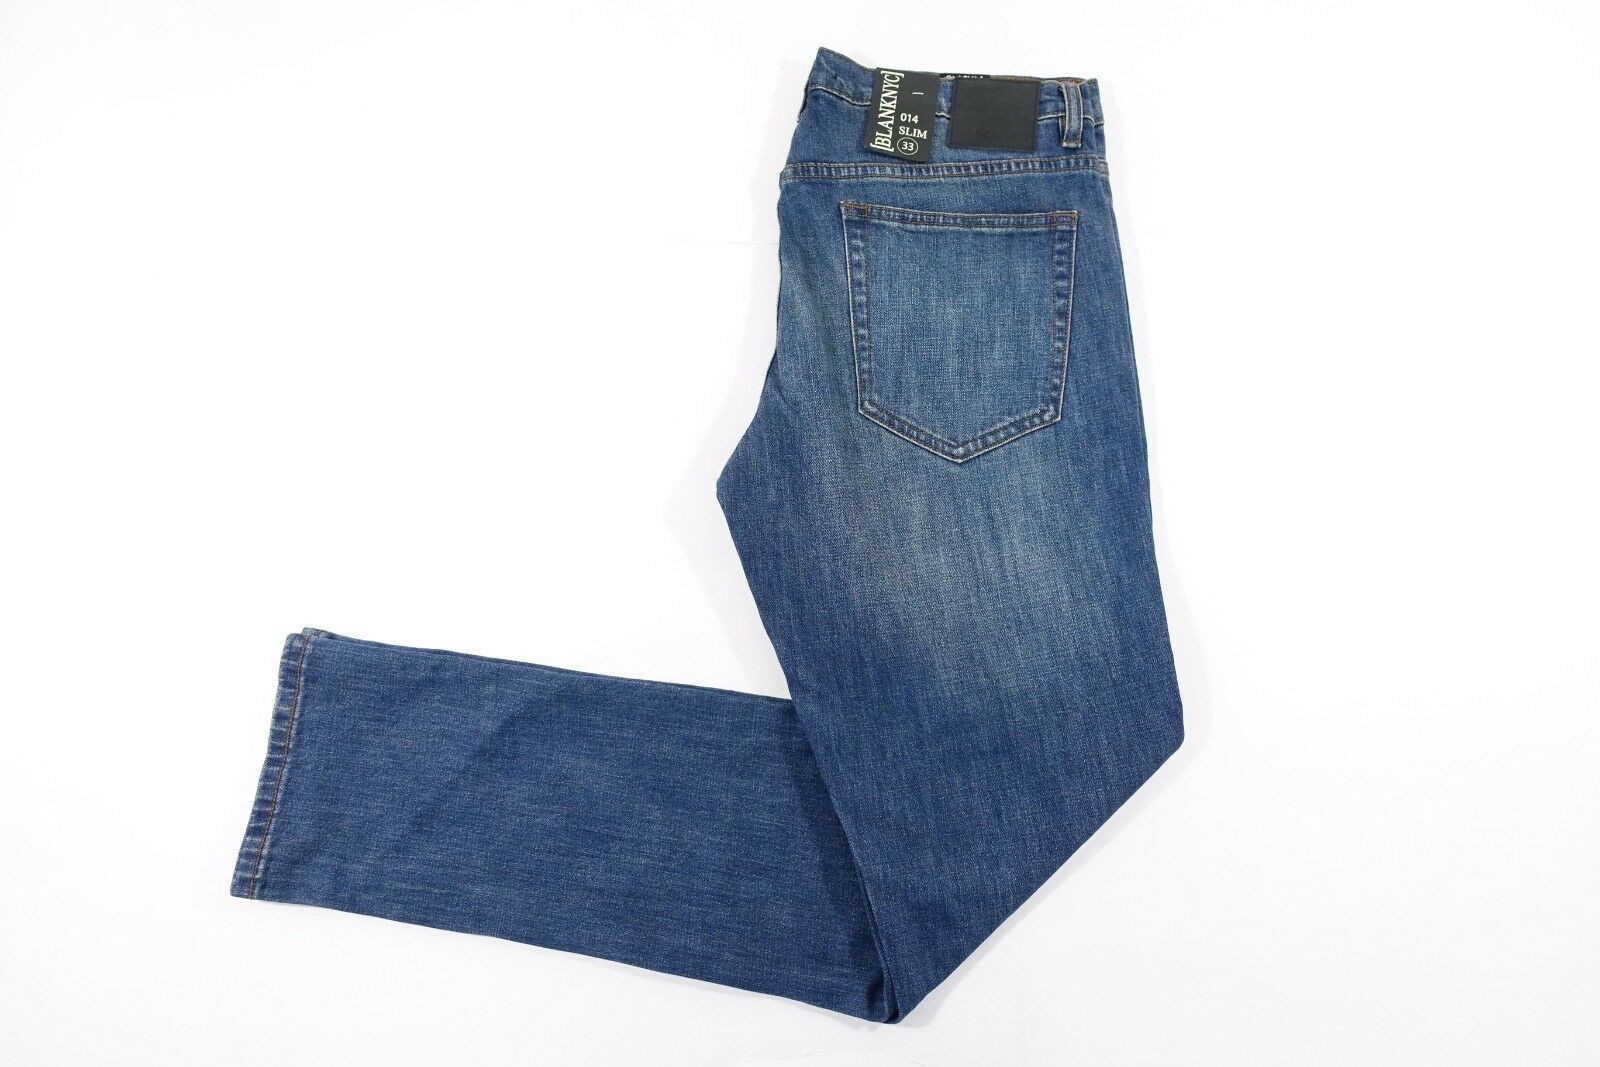 Blanknyc Blanko Nyc Blau 30 014 Slim Fit Jeans Herren Nwt  | In hohem Grade geschätzt und weit vertrautes herein und heraus  | Verkauf  | Billig